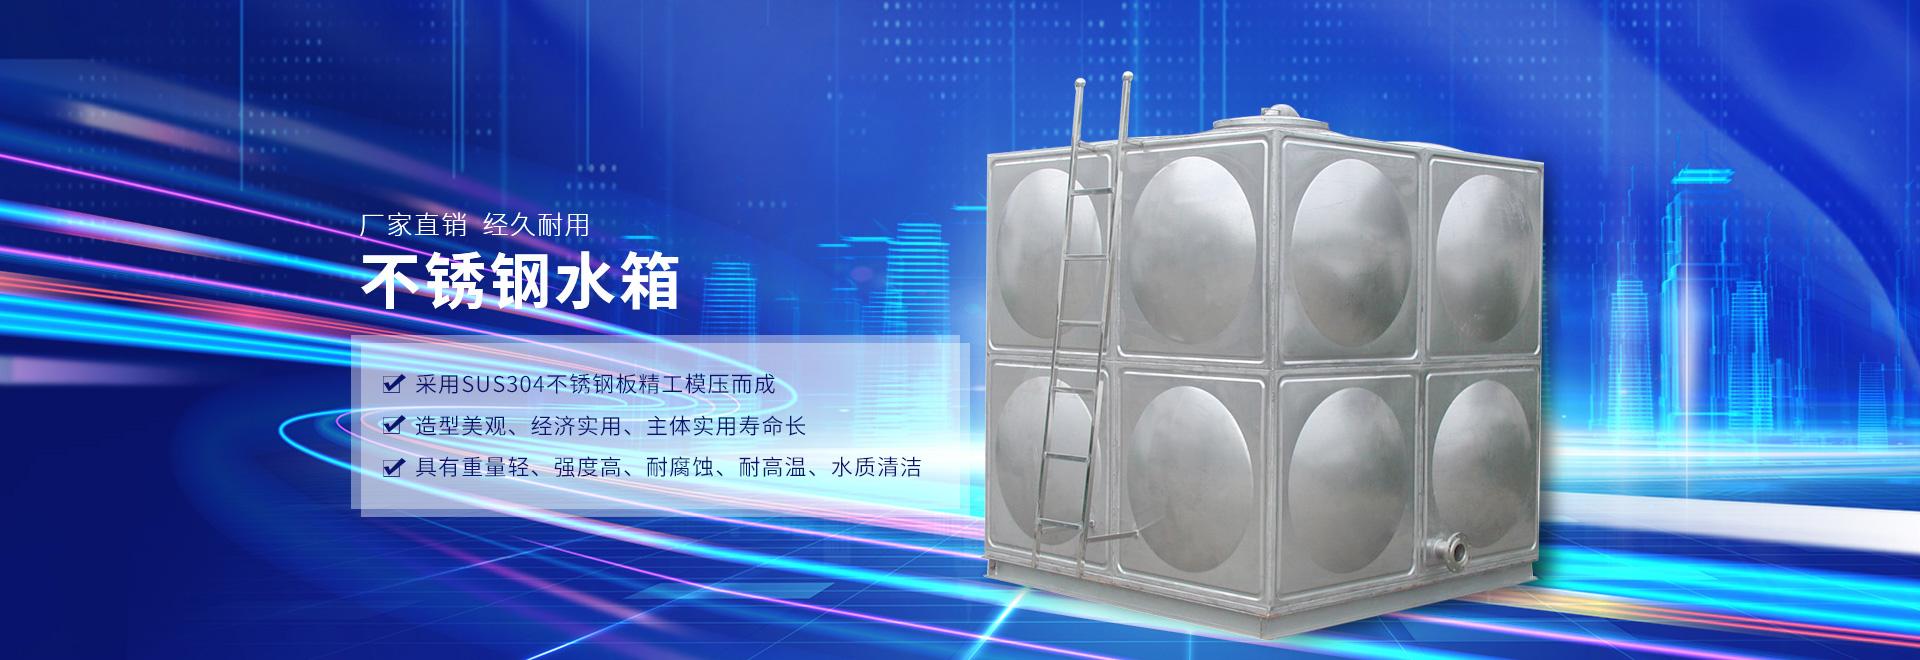 福州不銹鋼水箱,福州水箱,福建閥門,一體化泵站廠家